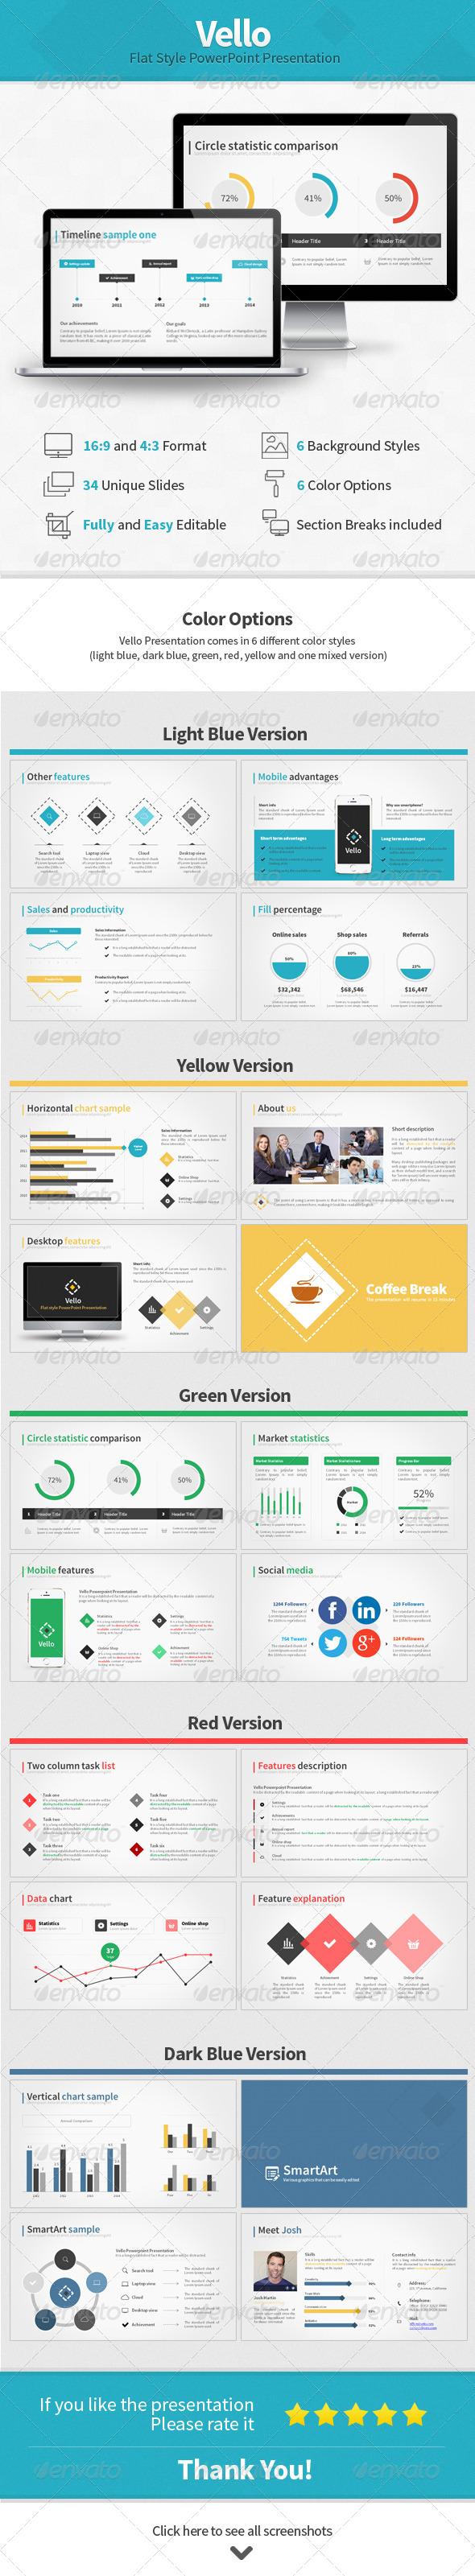 GraphicRiver Vello Flat Style Presentation 7696497